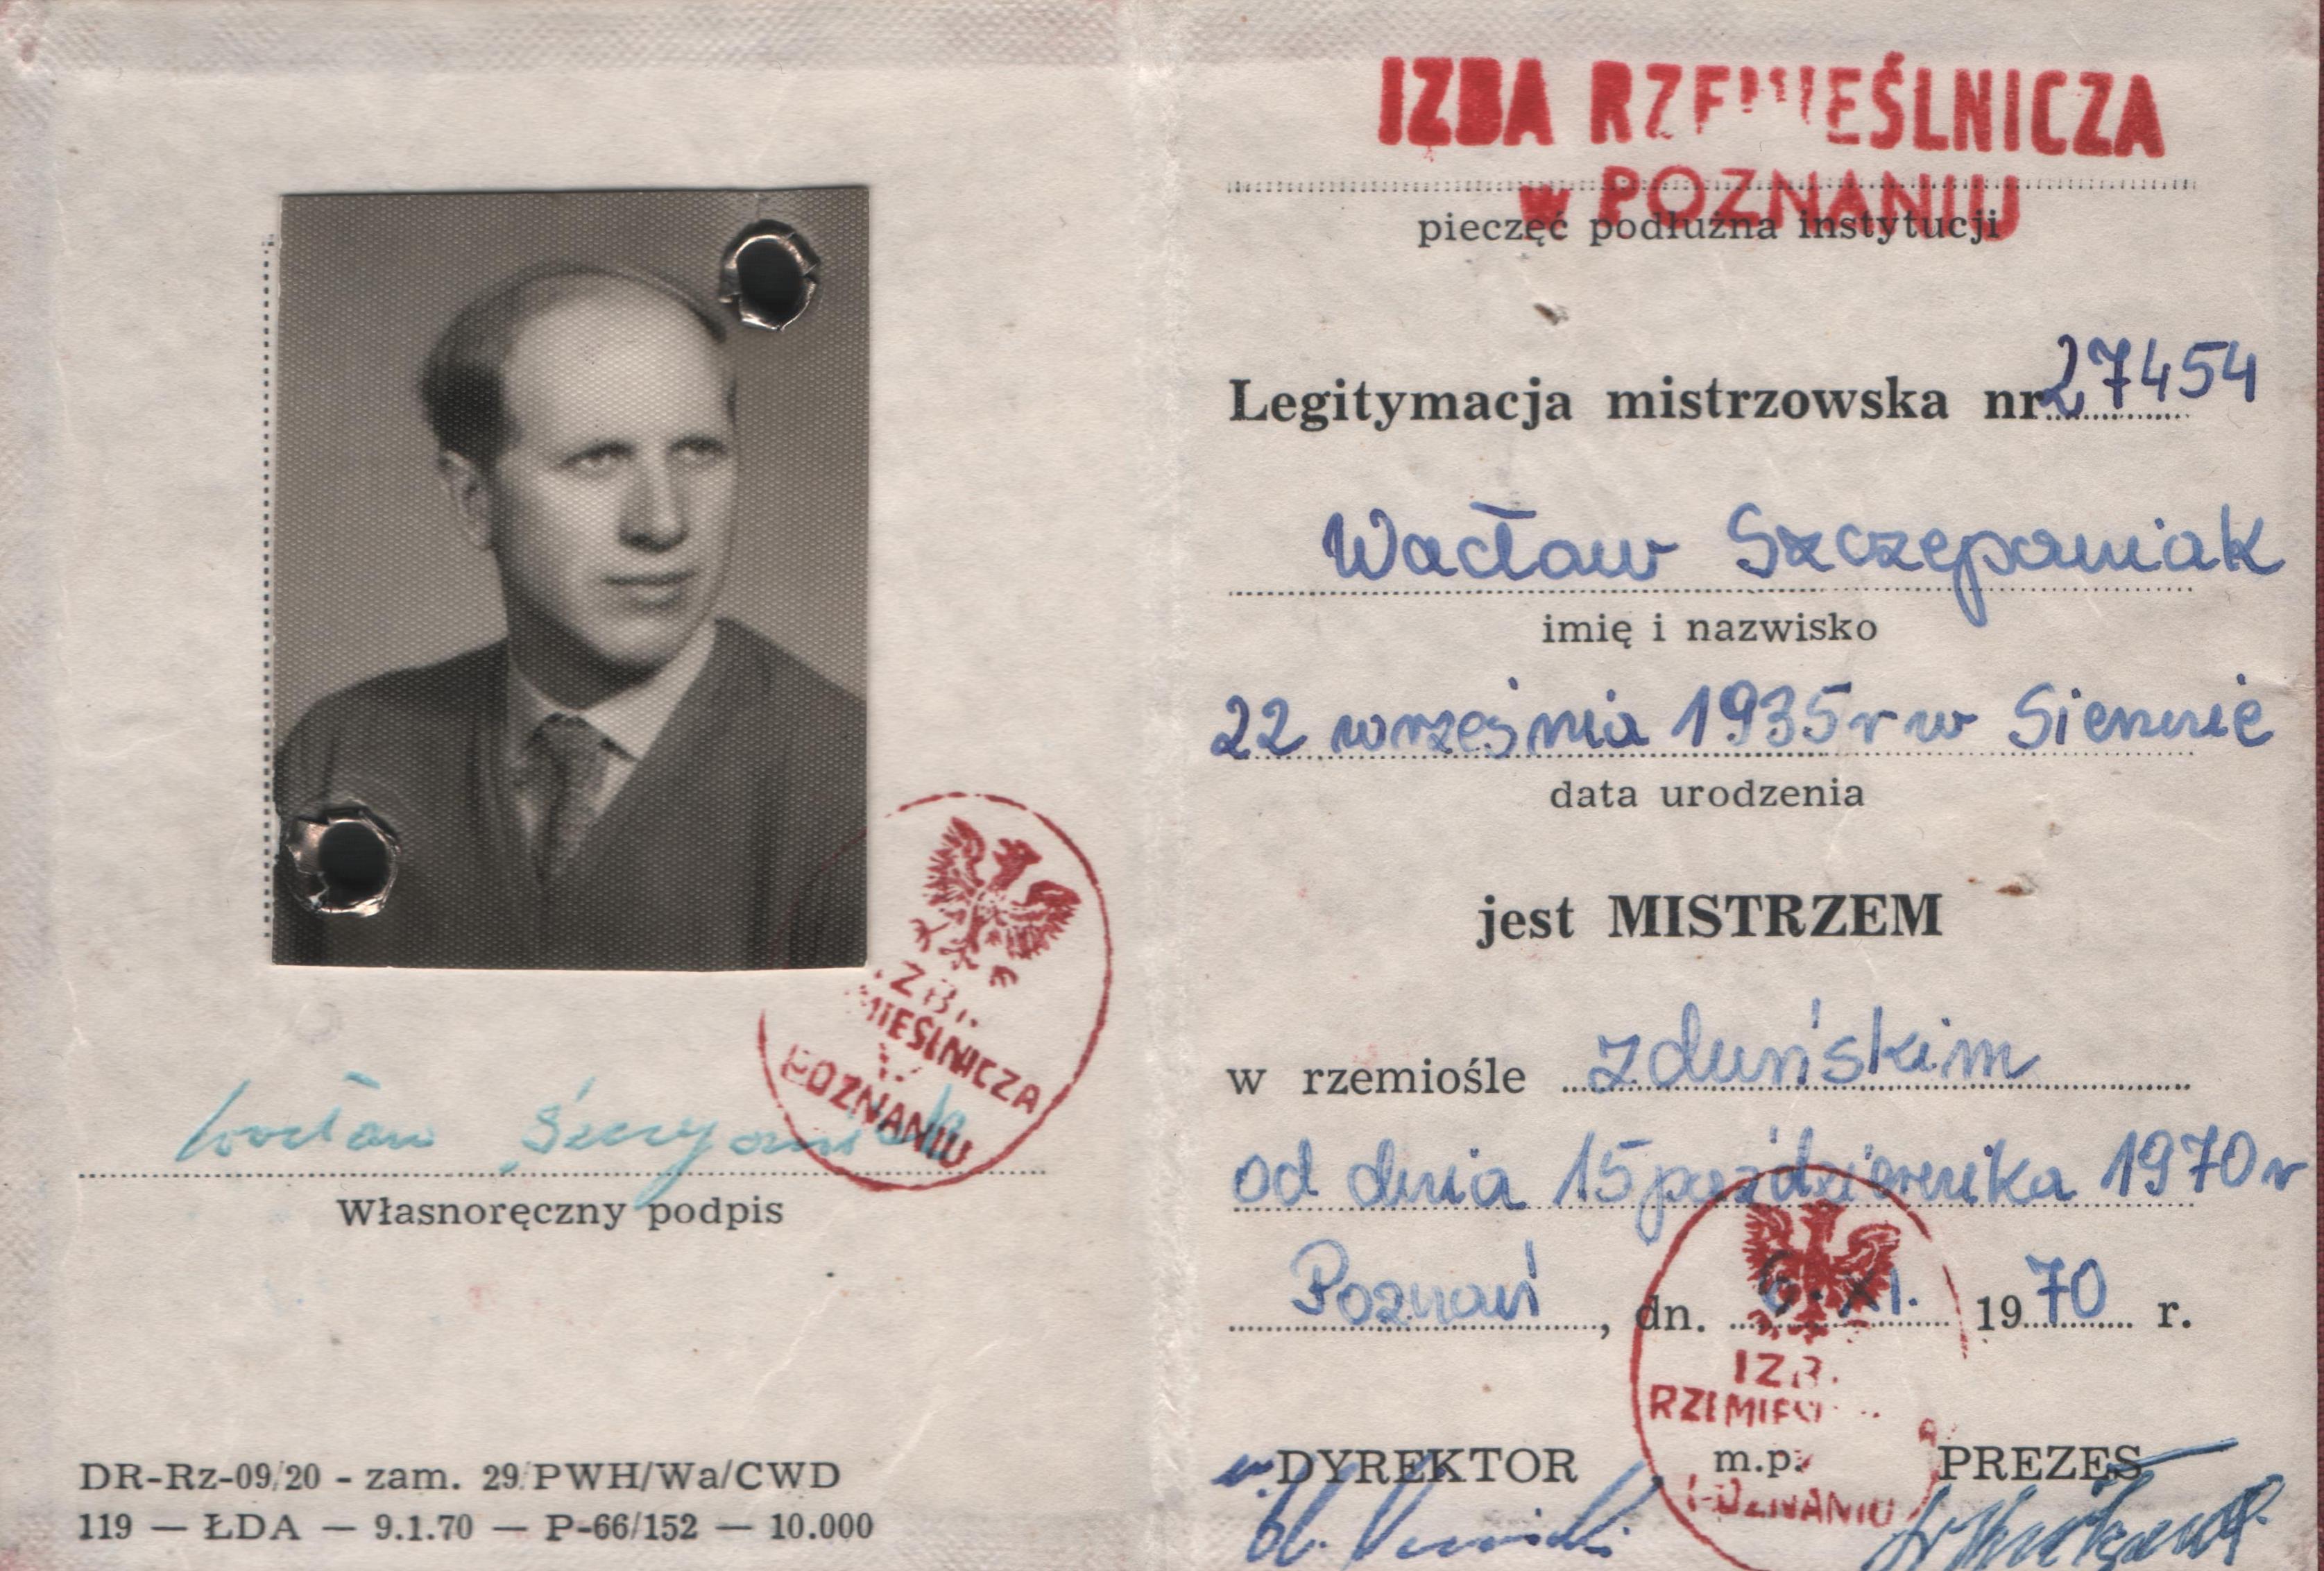 Legitymacja mistrzowska nr 27454 Wacława Szczepaniaka z 1970 r. - zbiory rodzinne